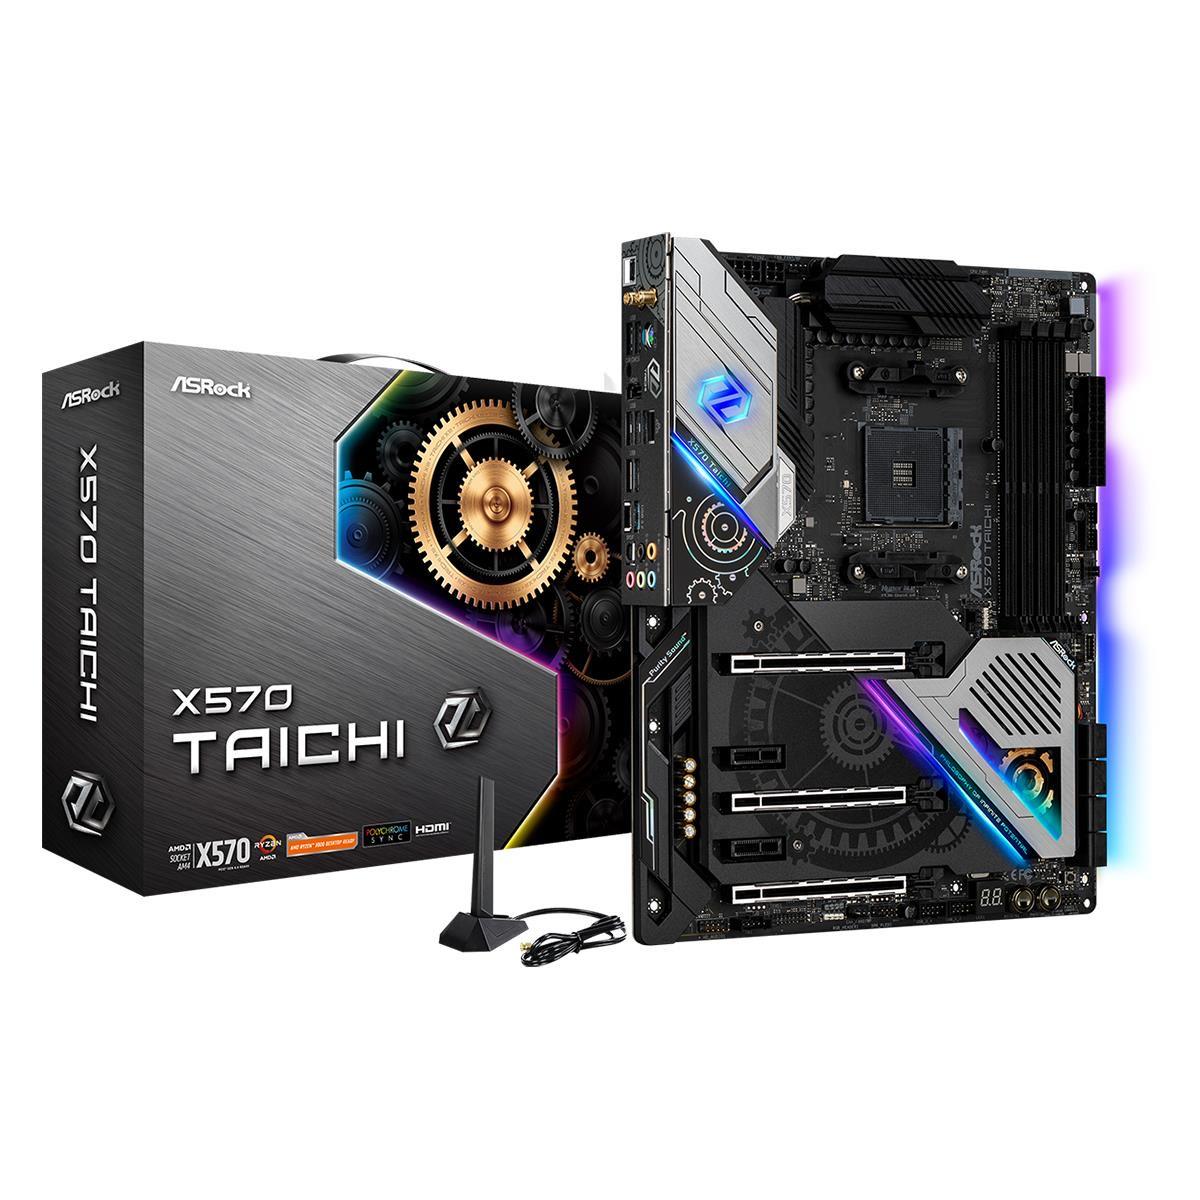 ASRock X570 Taichi AM4 ATX Motherboard £267.02 at Quzo